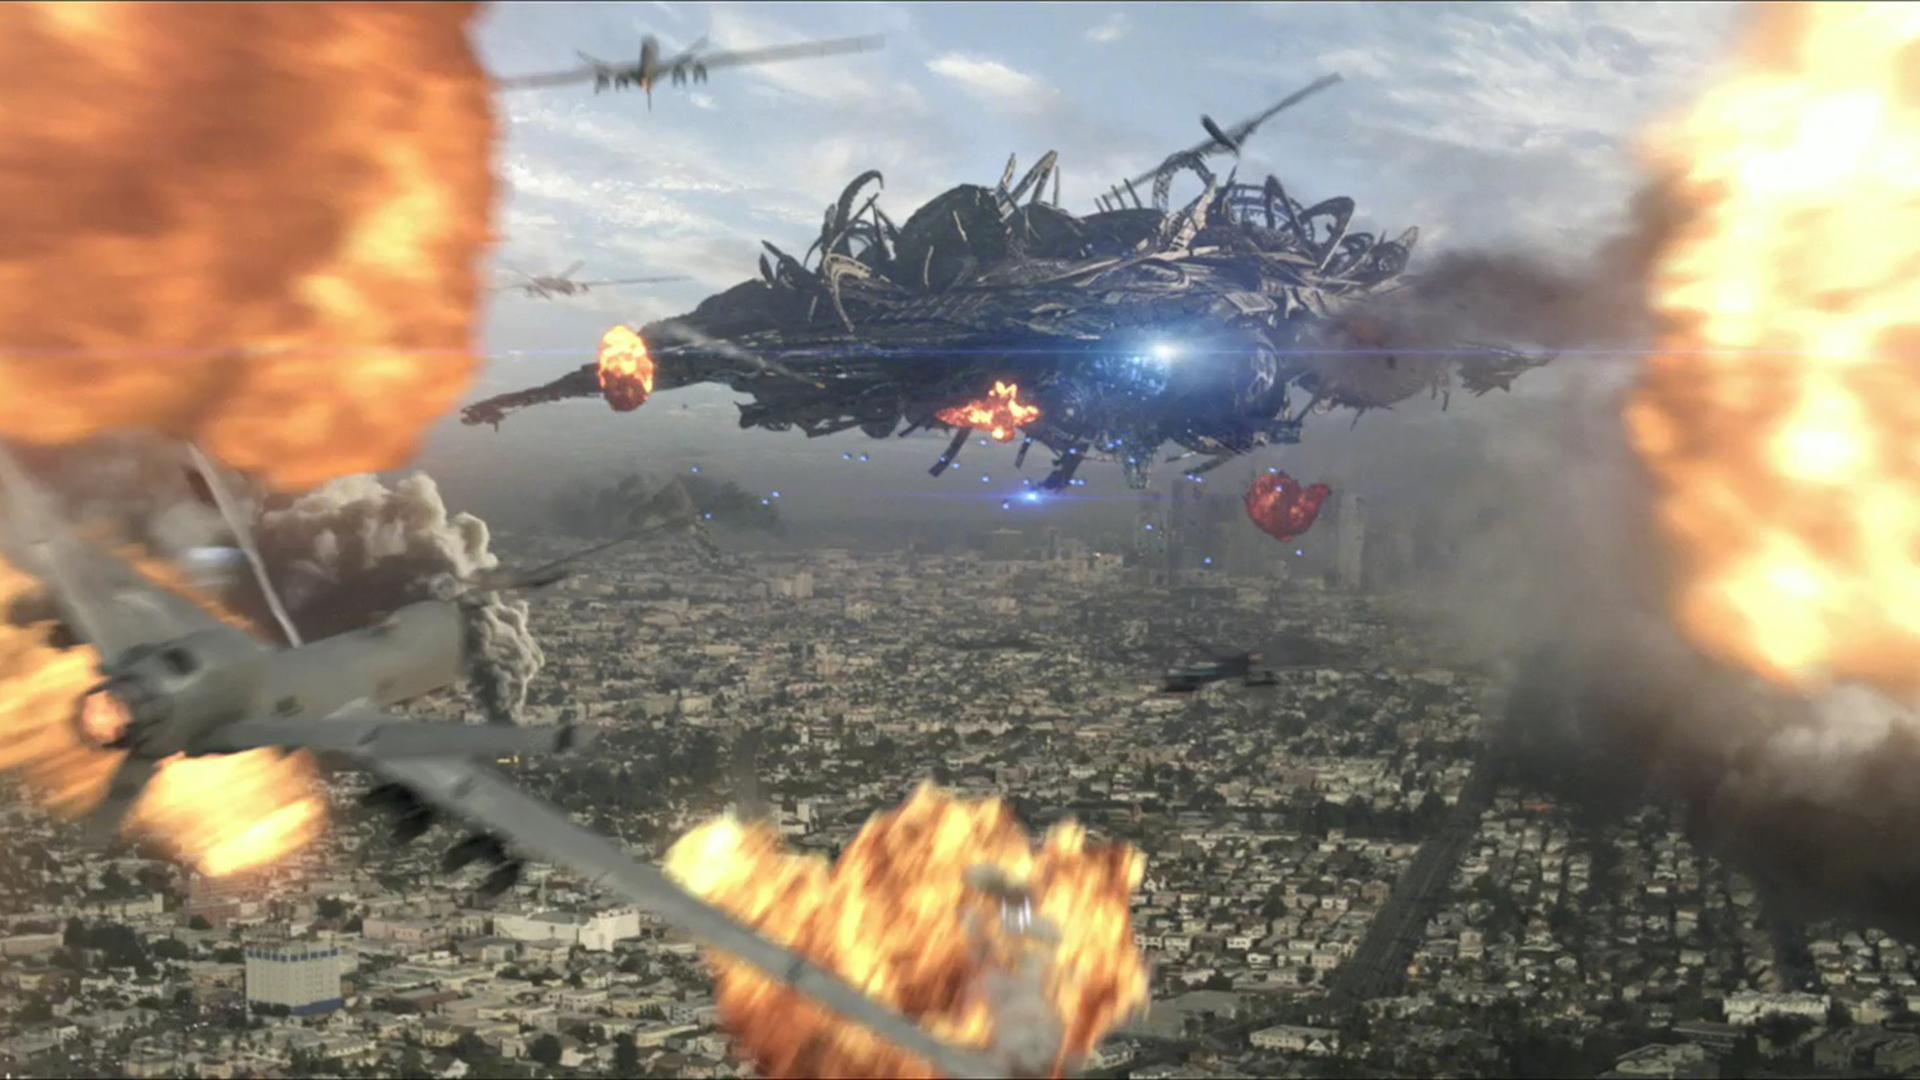 movie aliens skyline movie 2 skyline movie brain removal skyline movieSkyline Movie 2